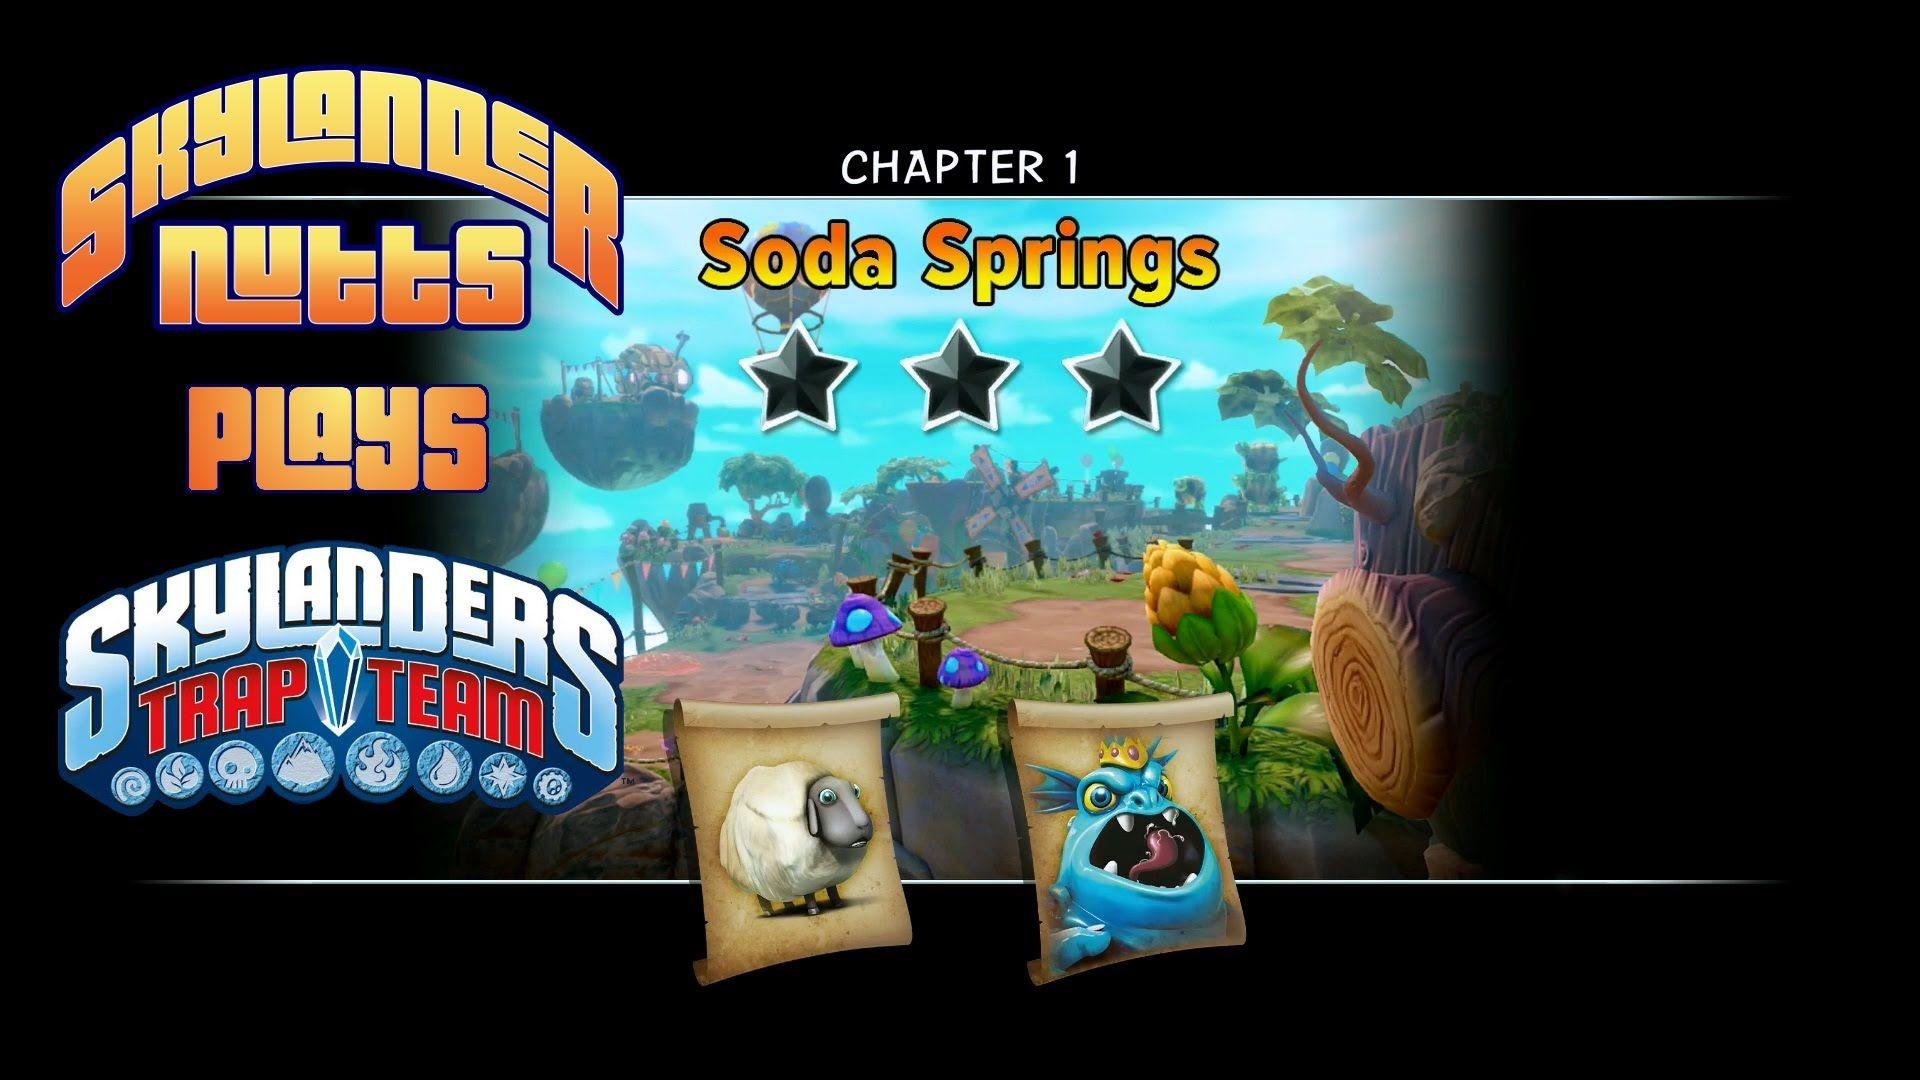 Skylanders Trap Team Chapter 1 Soda Springs Watch as